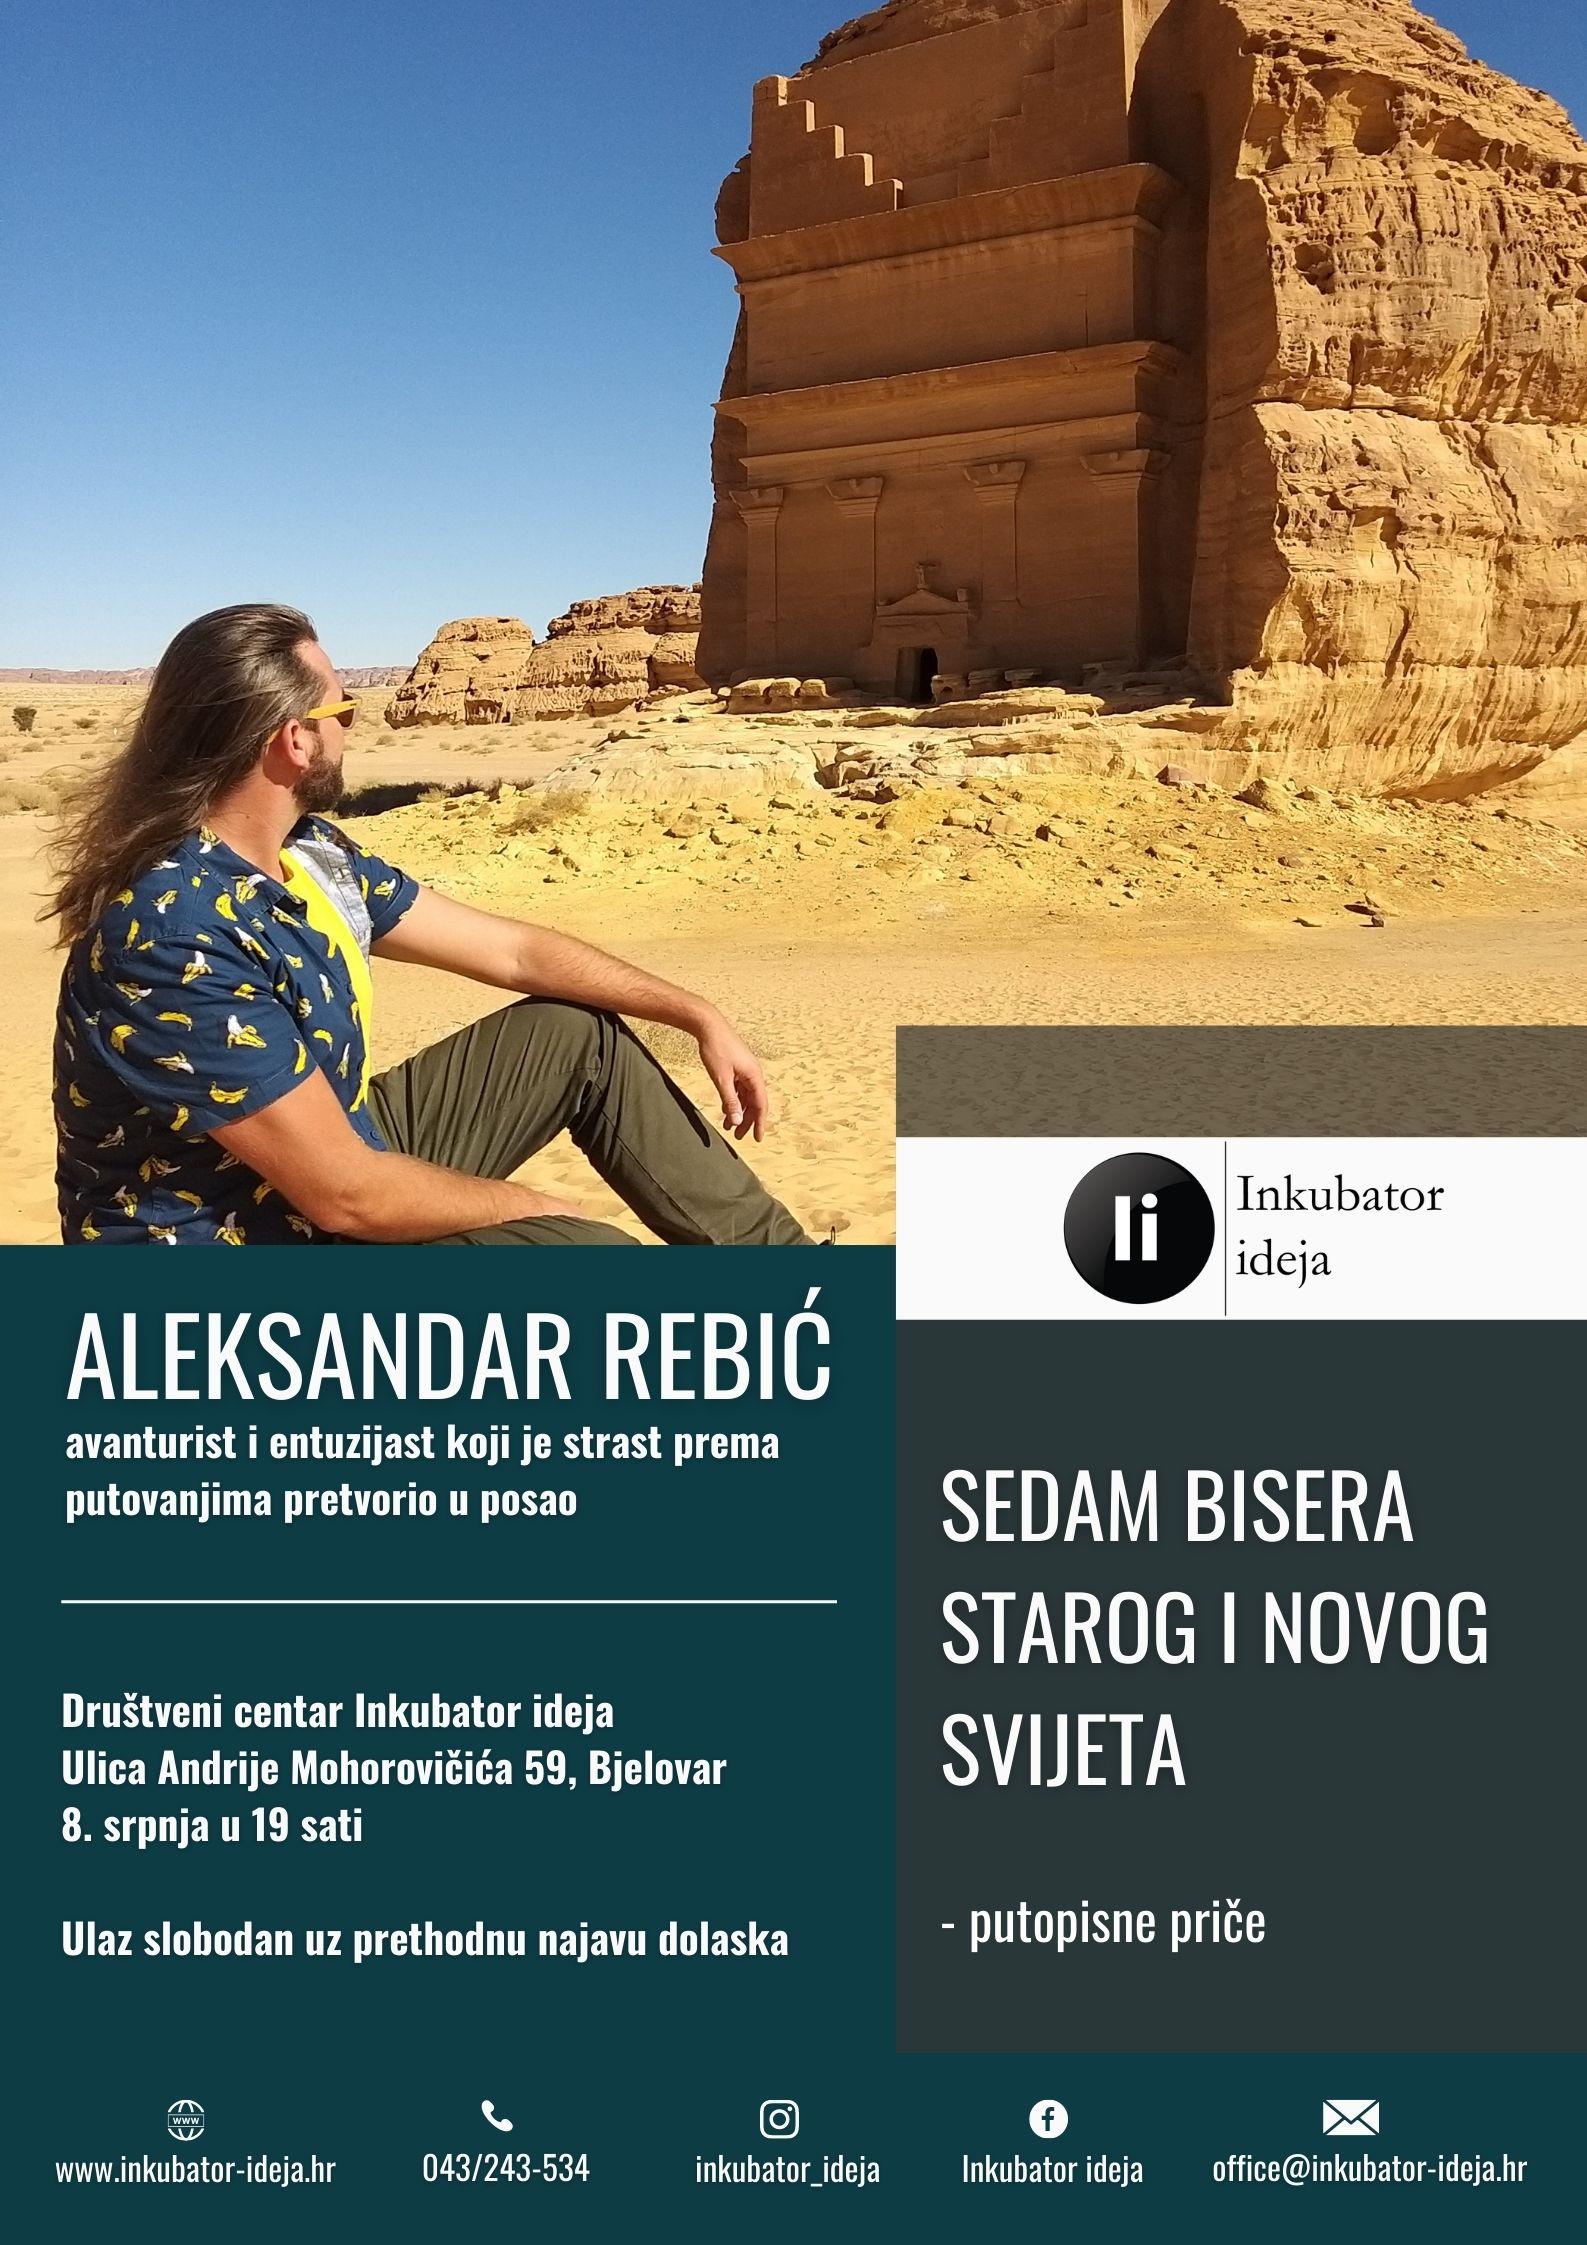 Aleksandar Rebić otkriva čari 'izgubljenih' gradova